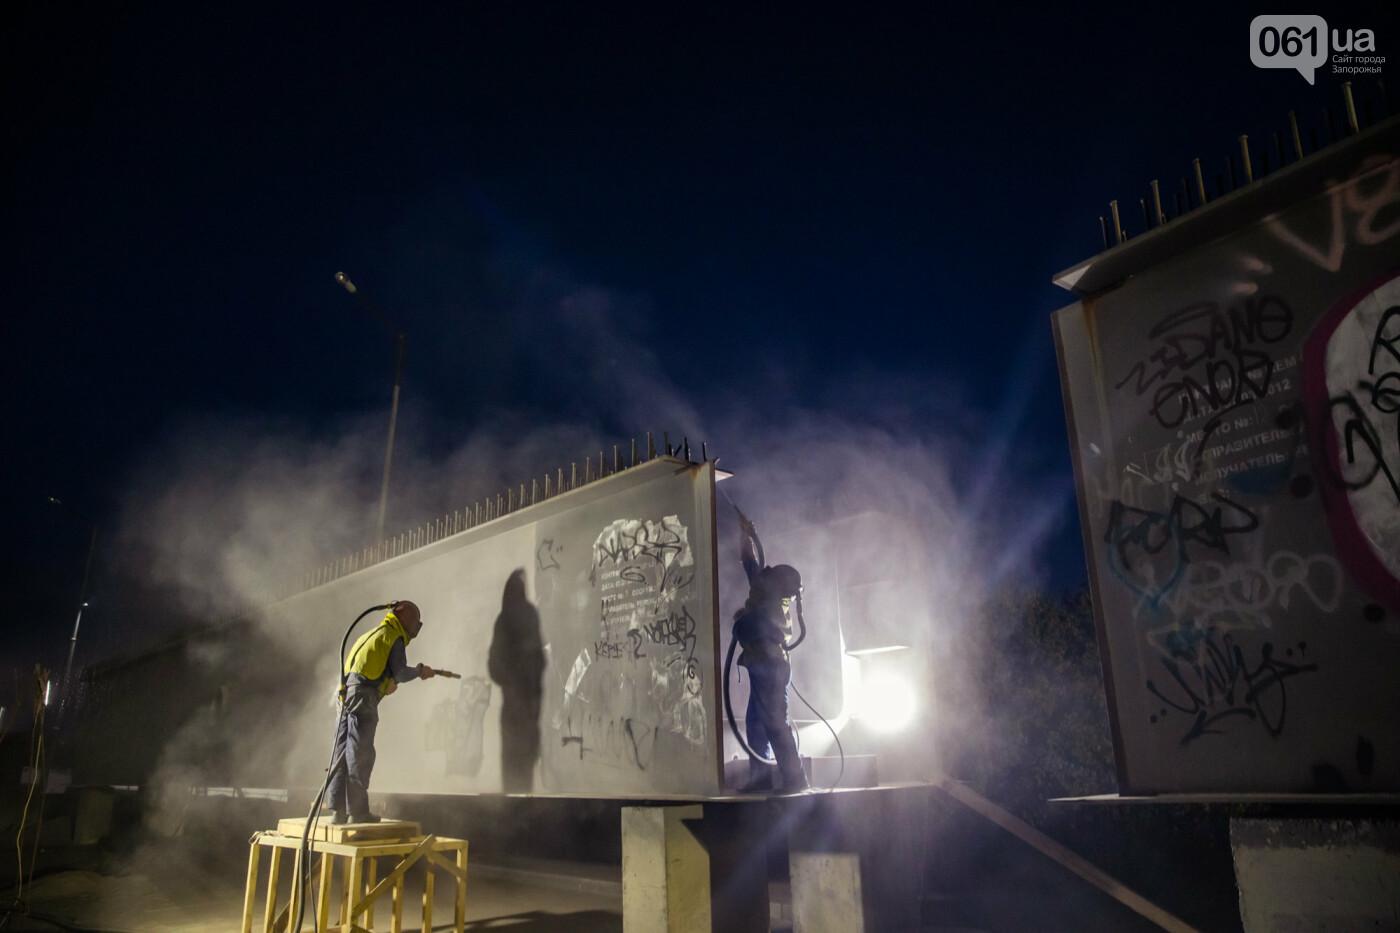 В Запорожье собирают балочный мост через Старый Днепр – строители работают даже ночью, - ФОТОРЕПОРТАЖ , фото-37